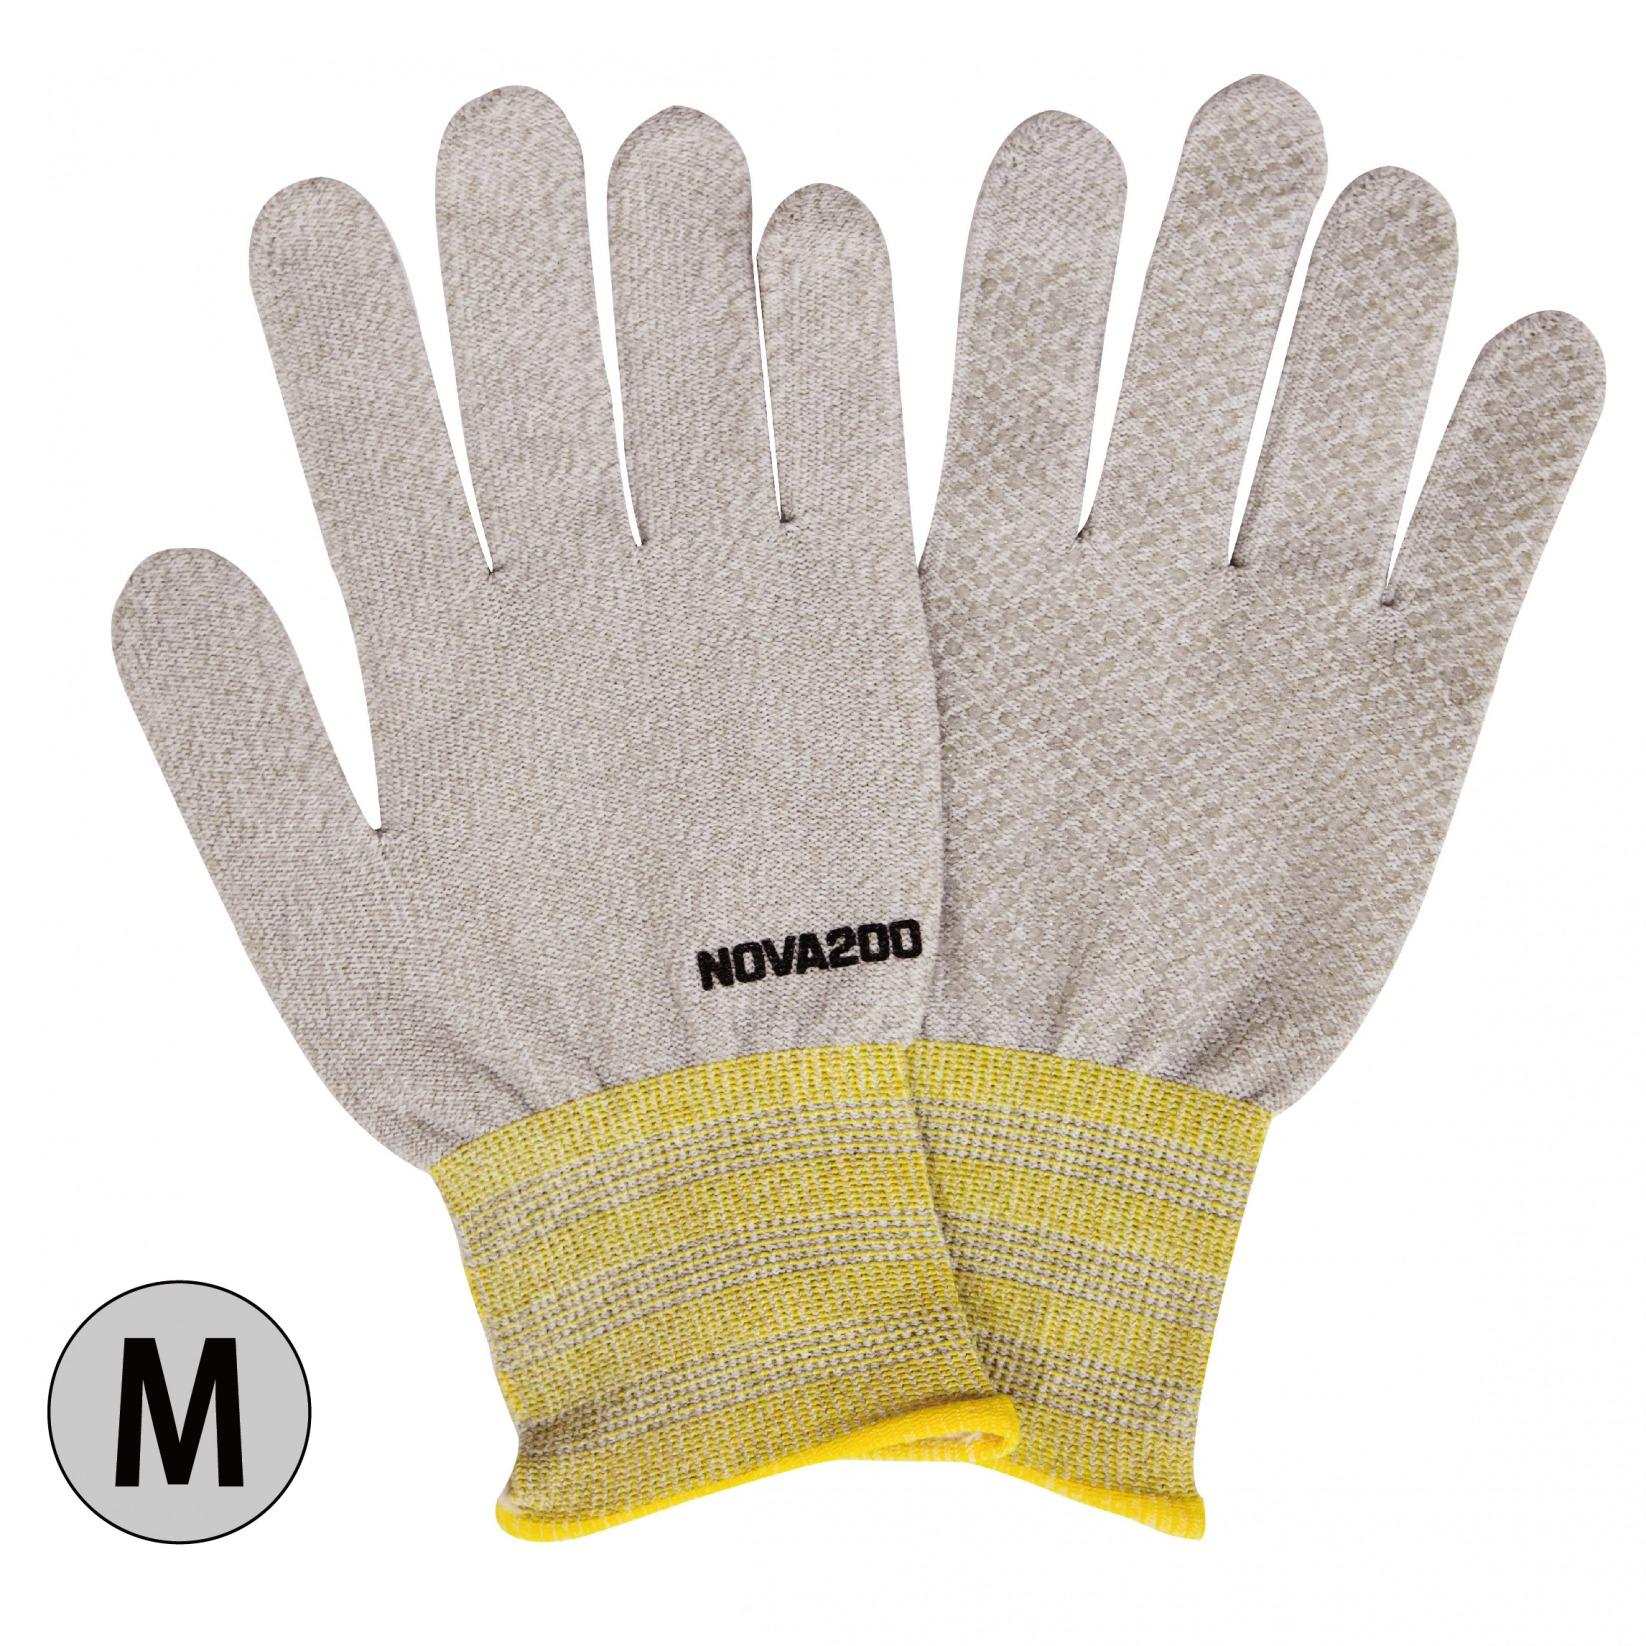 銅イオン手袋「抗菌効果」NOVA200 _アイボリーミックス